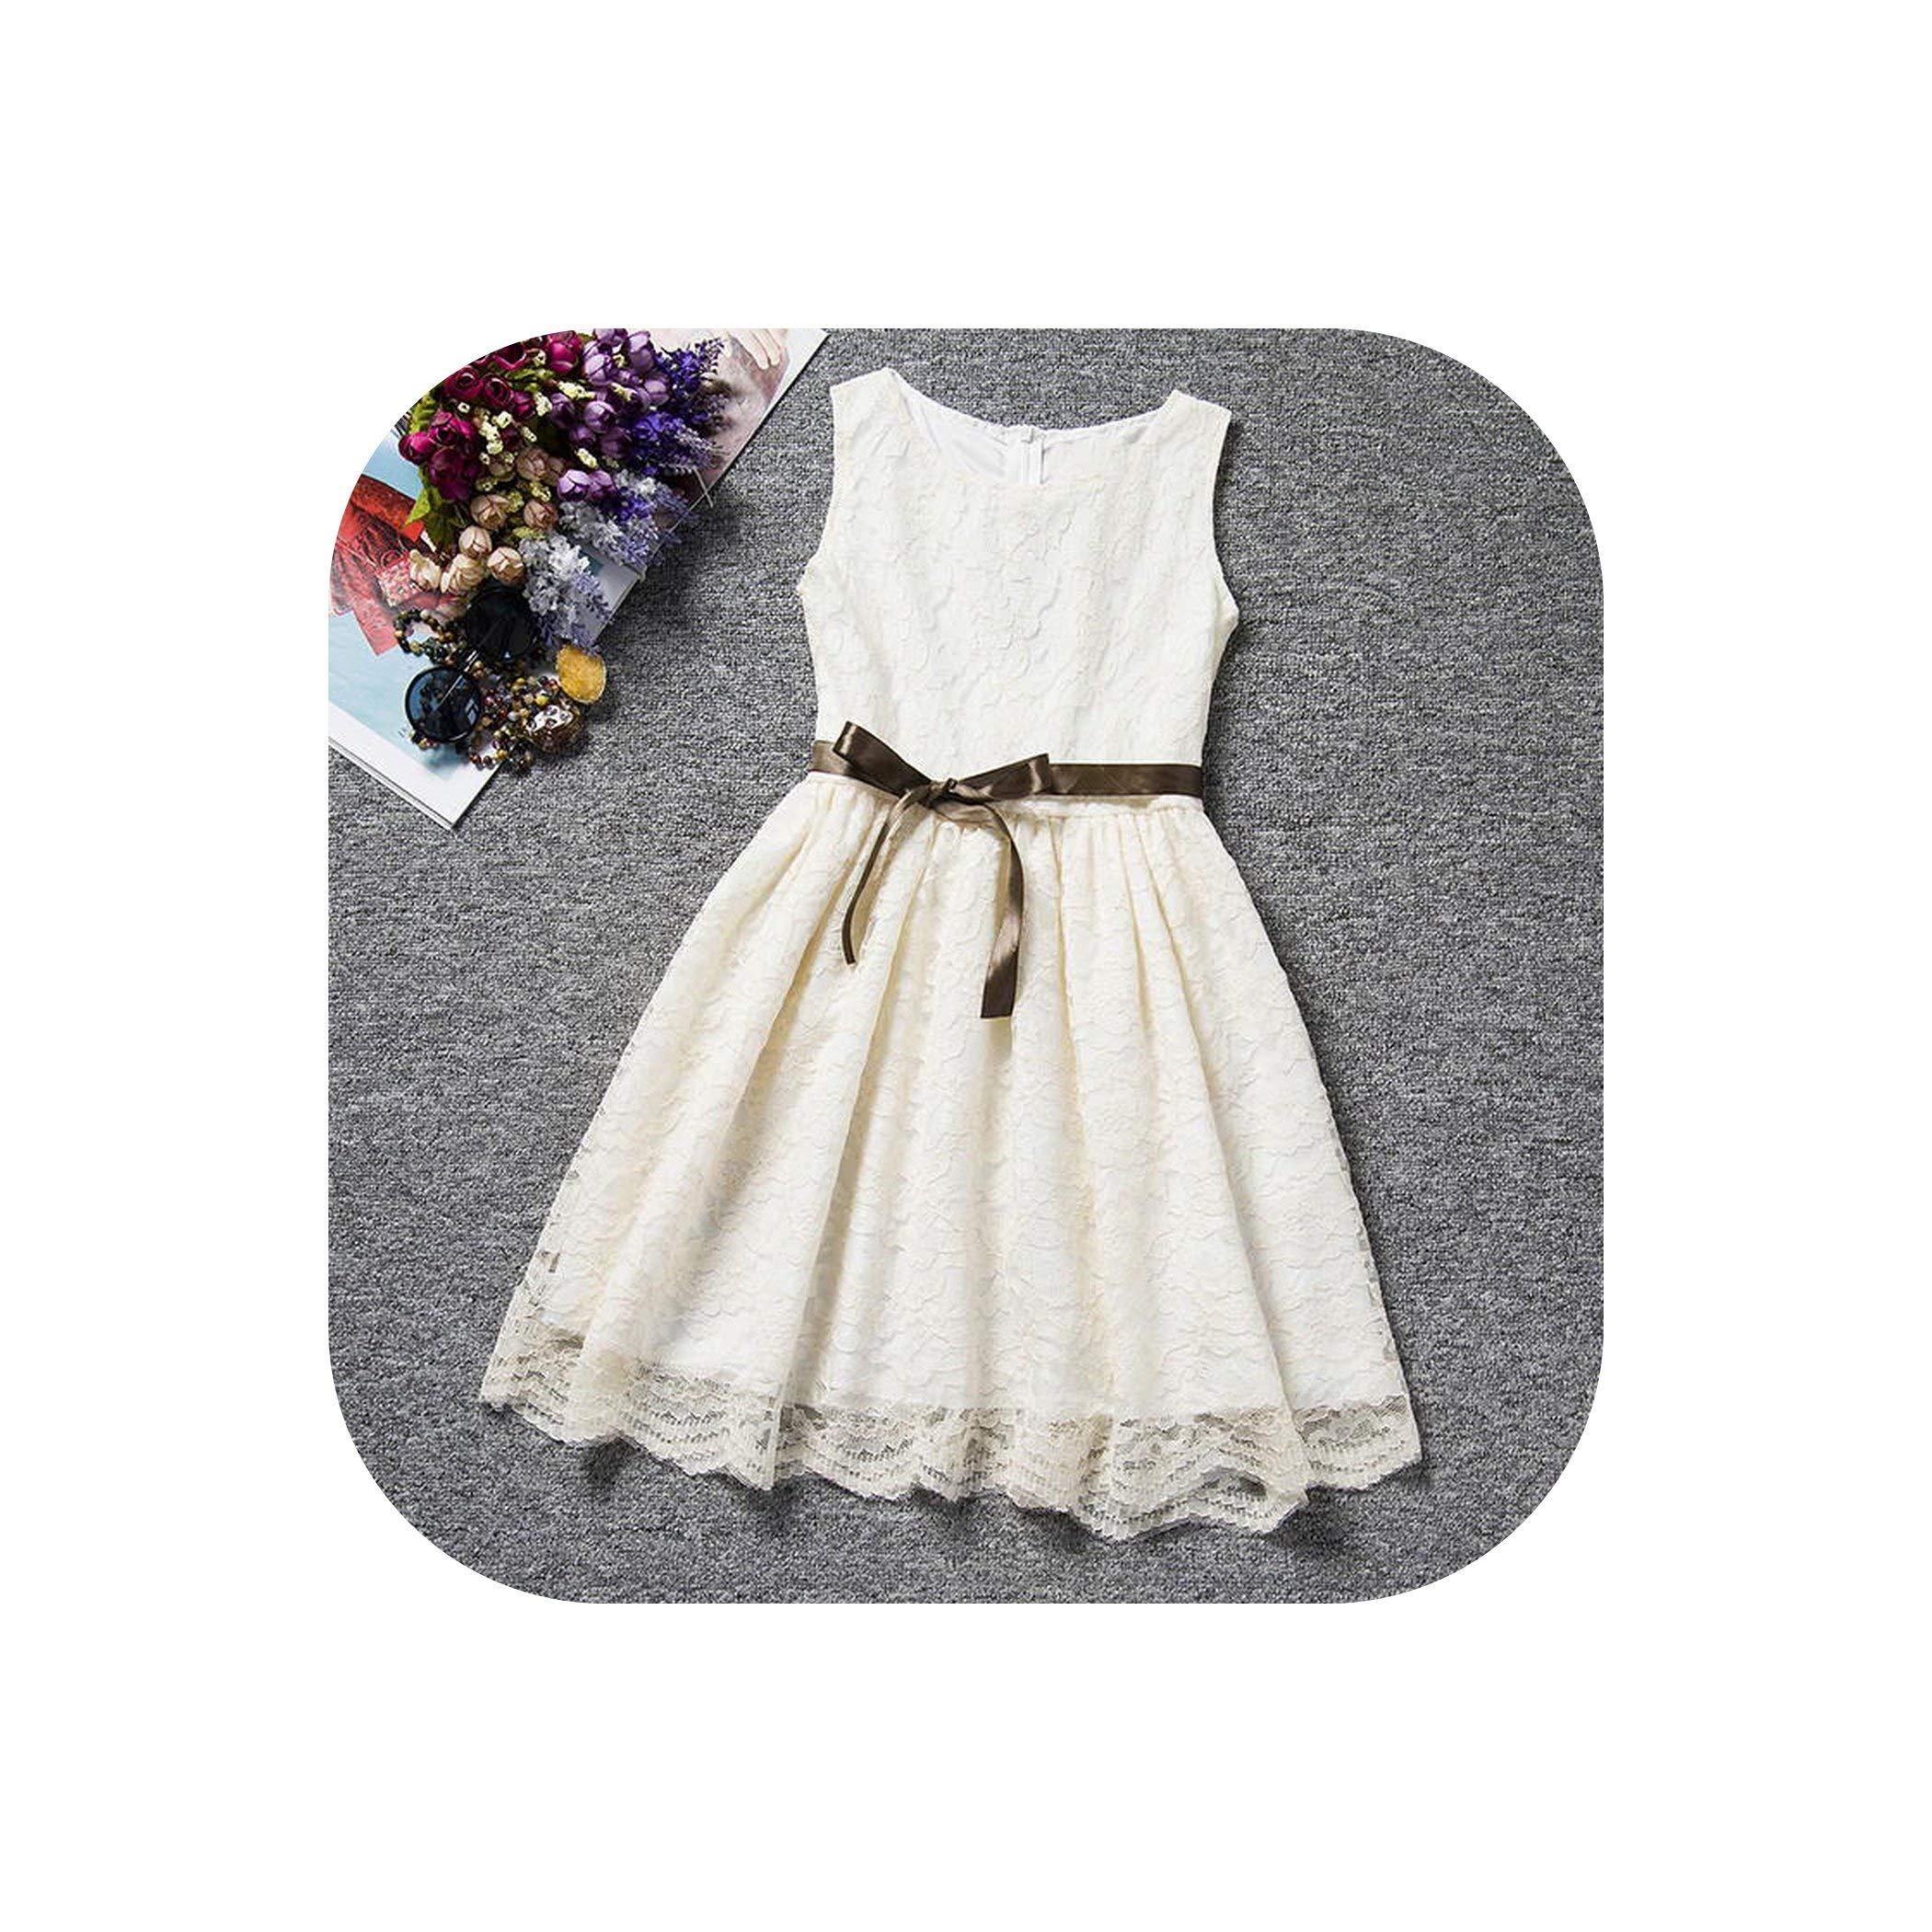 Summer Lace Flower Girl White Dress Children's Girl Dresses Girl Party Wear Costume for Kids,Beige,10